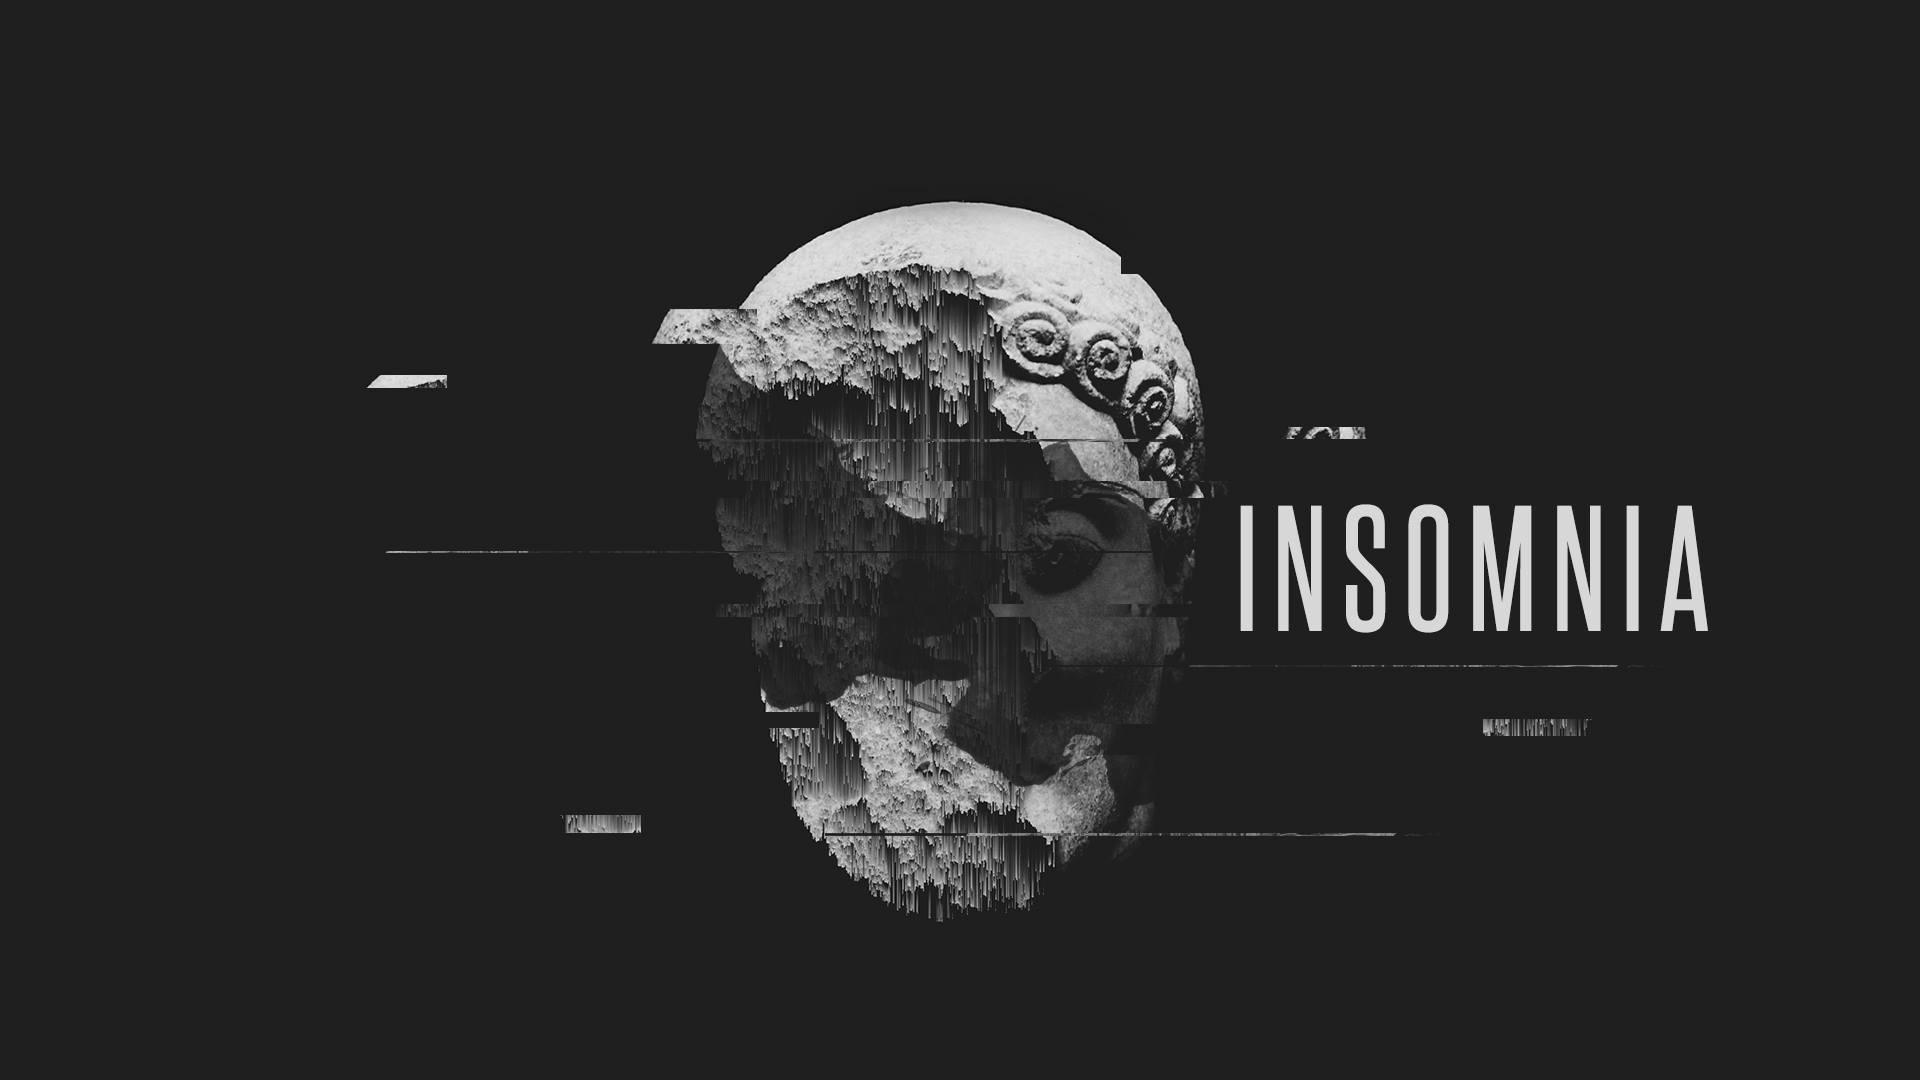 Insomnia 183 10 December 2016 Depot Amsterdam 183 Event